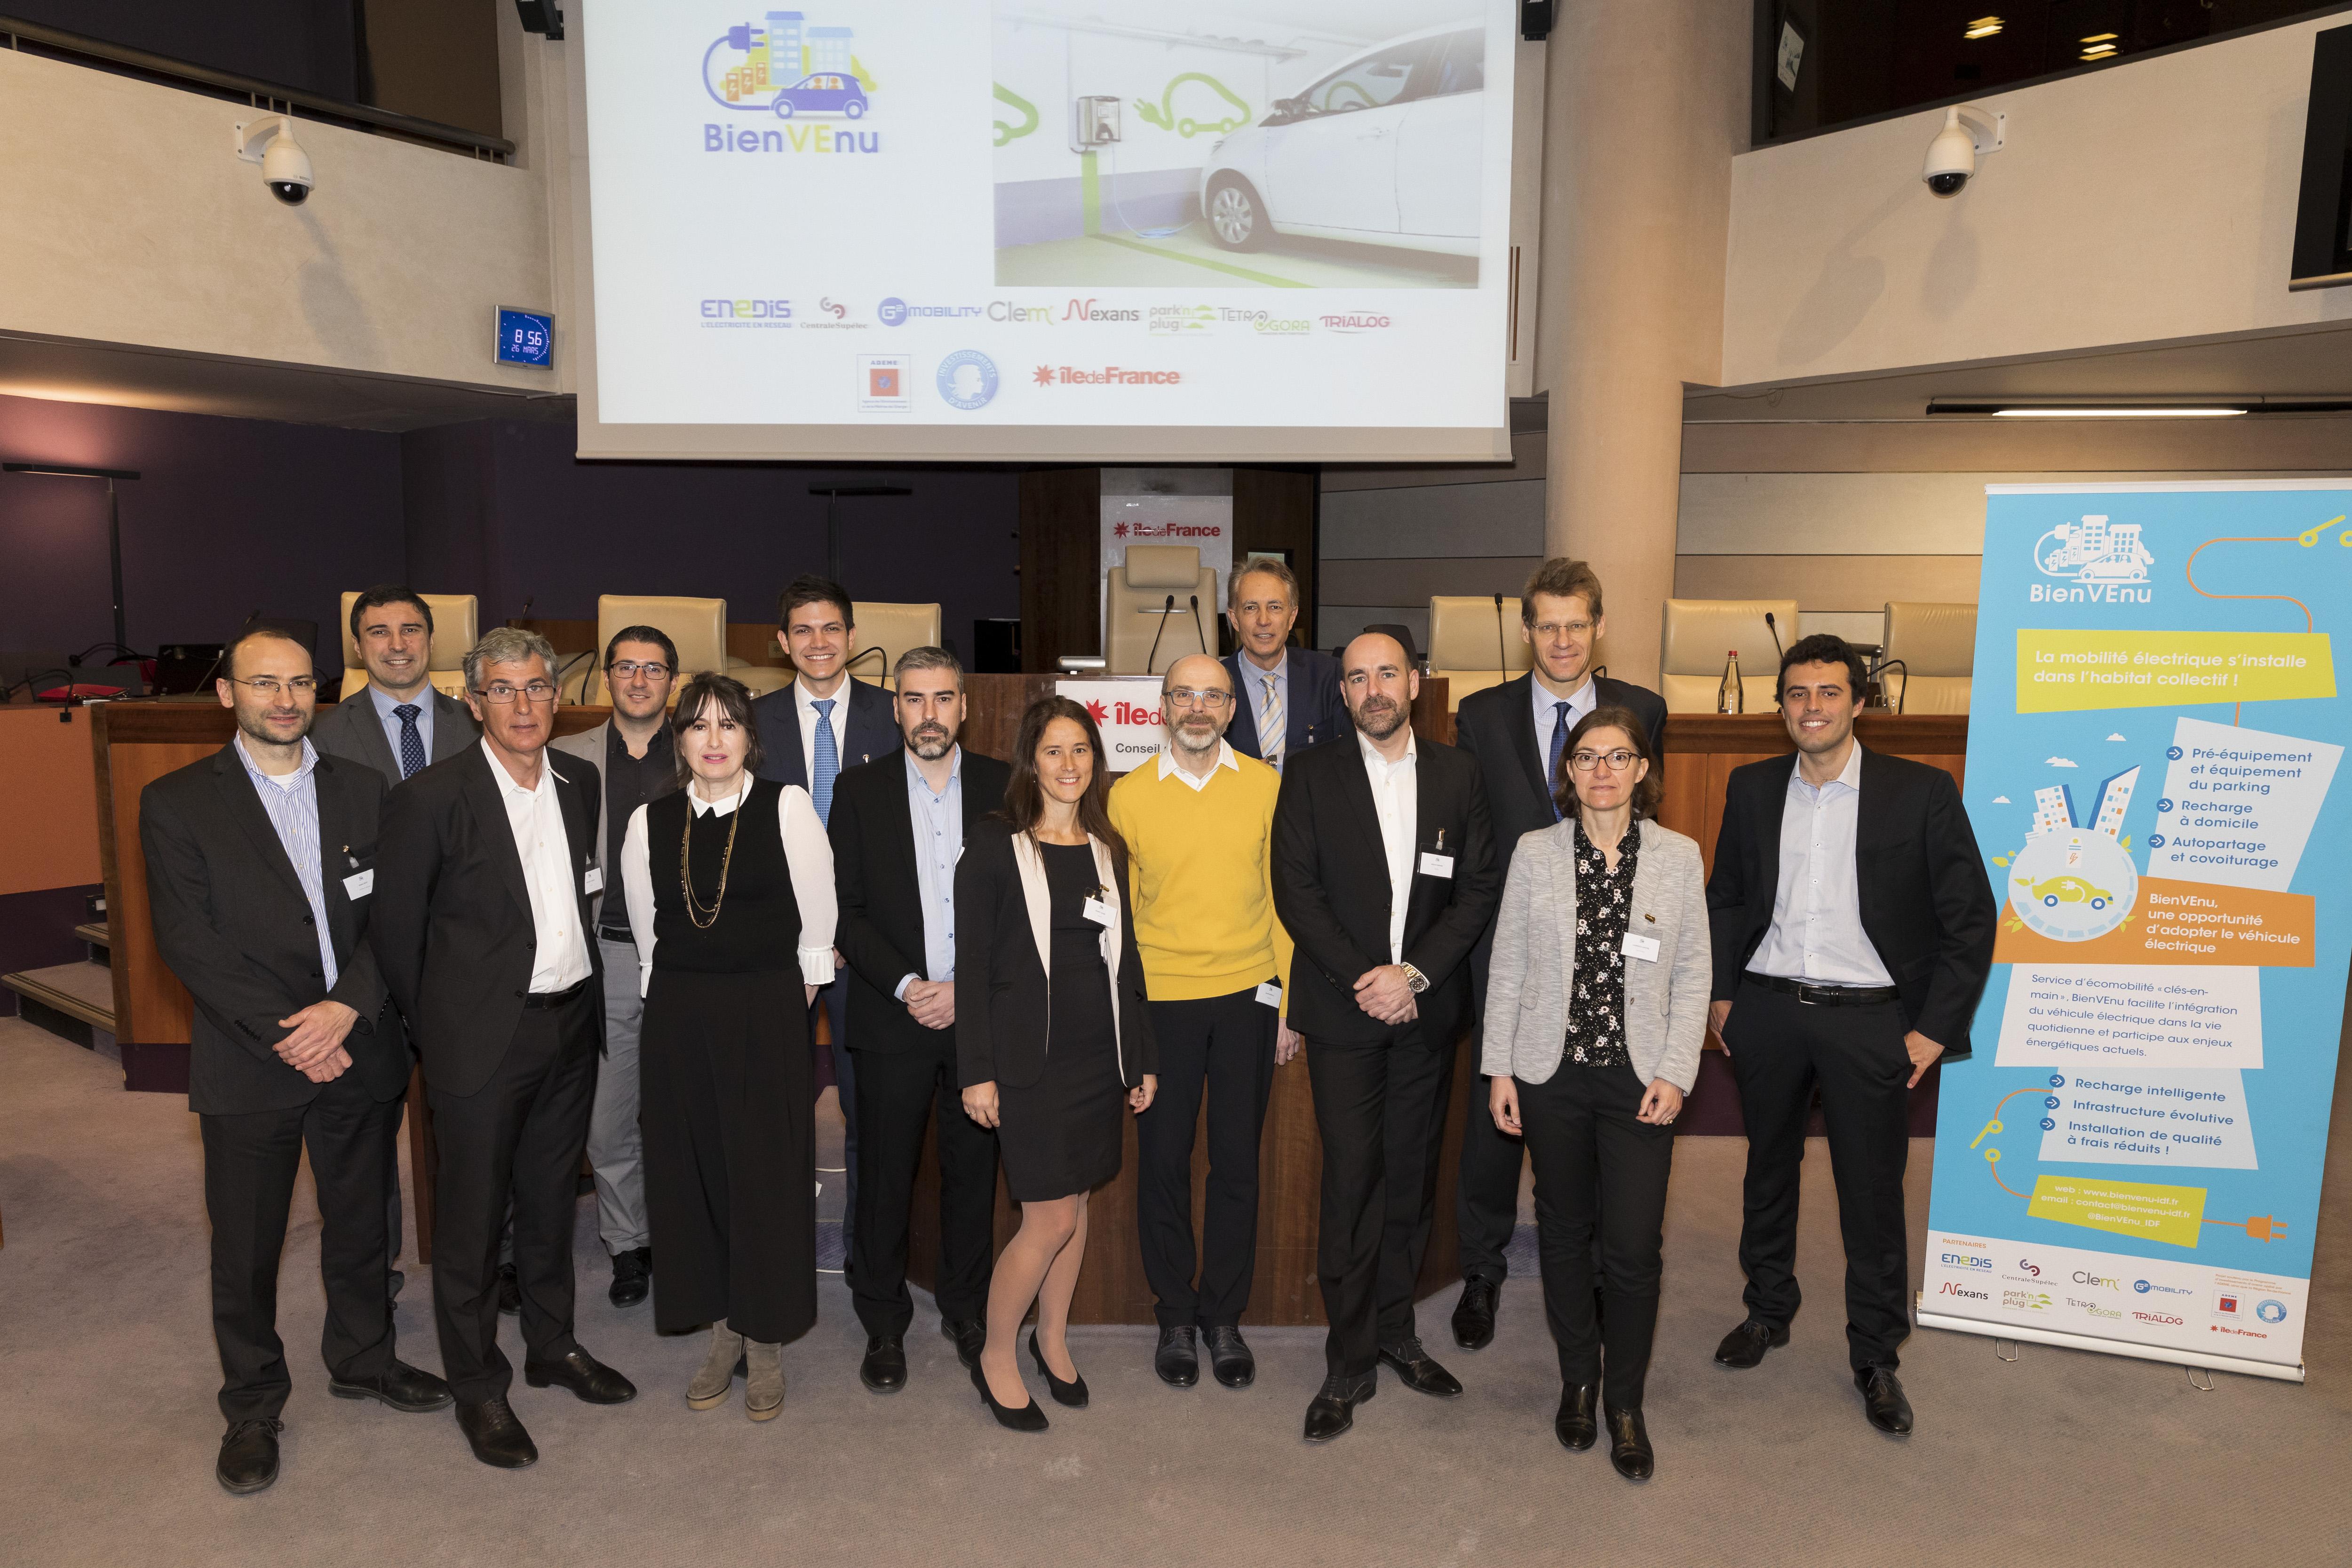 Partenaires du projet BienVEnu solution de recharge innovation